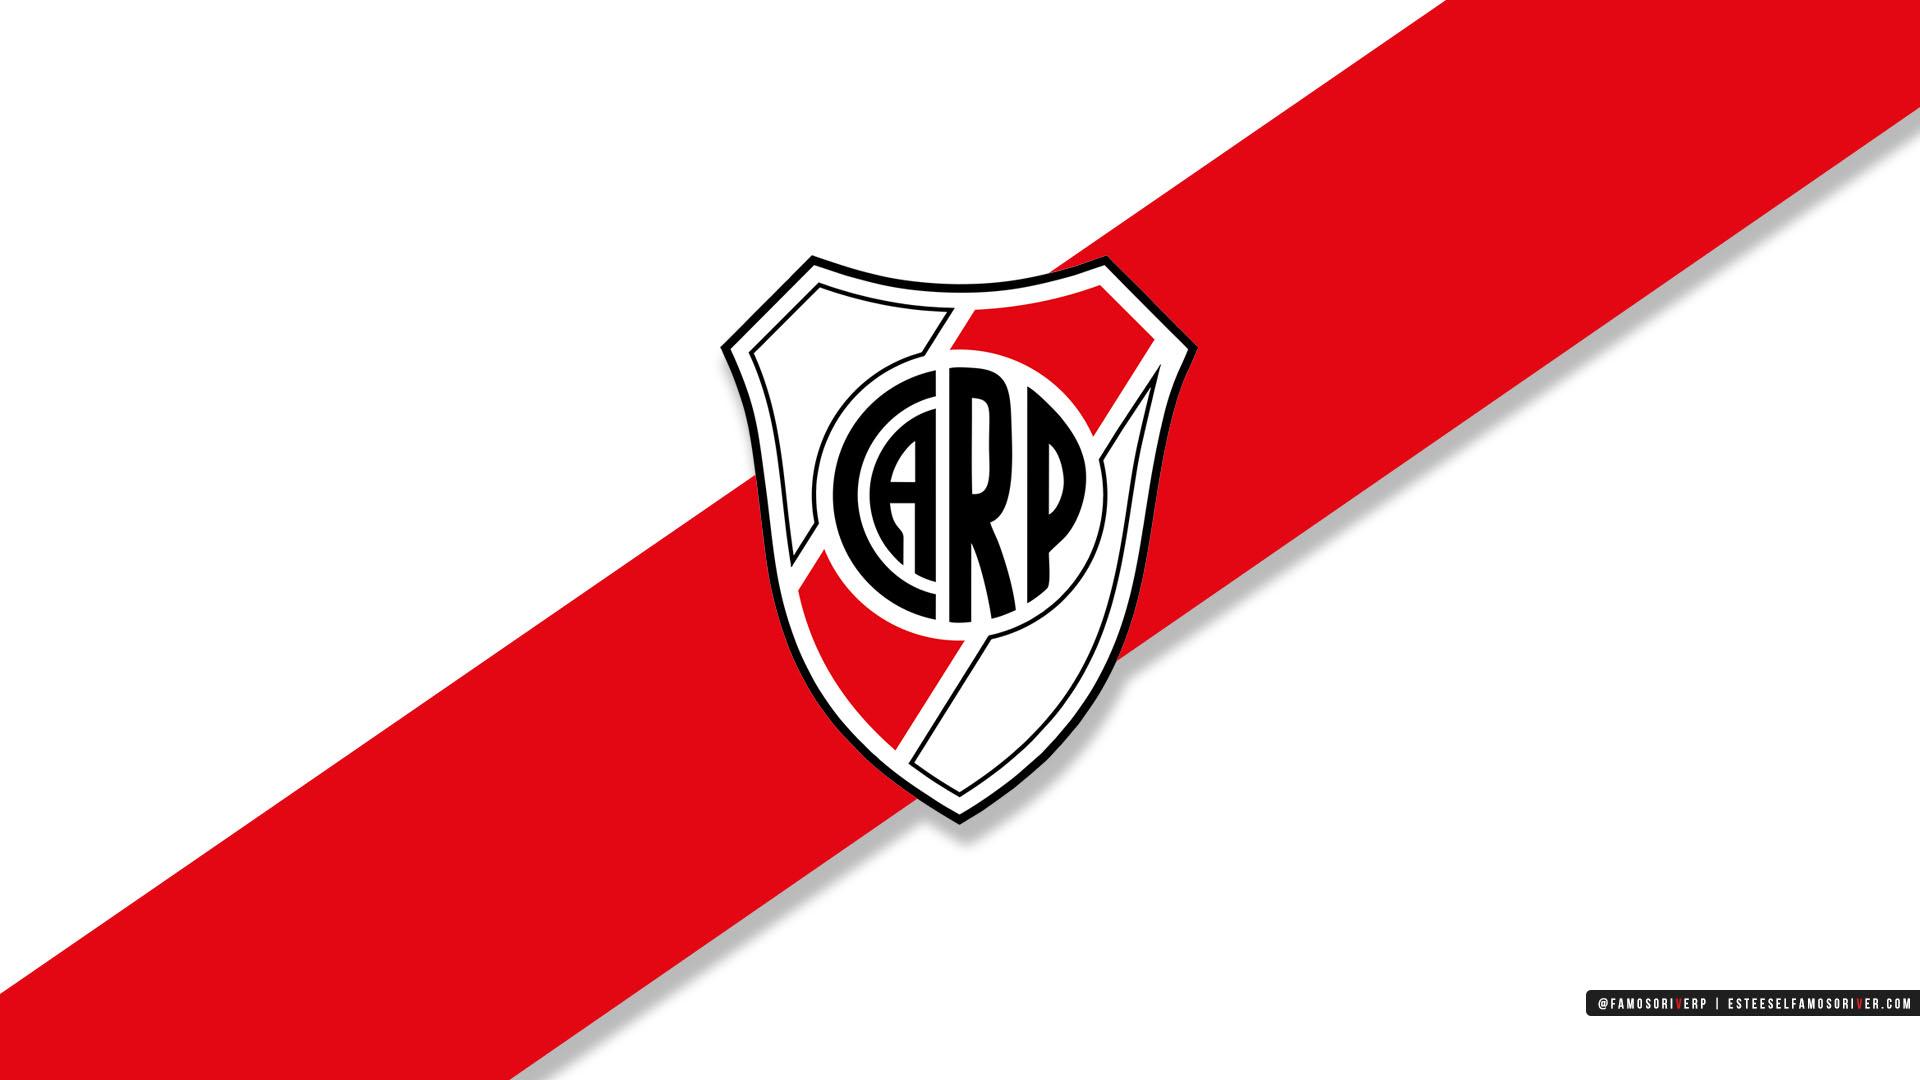 imagenes-de-river-plate-para-fondos-de-pantalla-wallpaper-de-river-escudo river banda roja